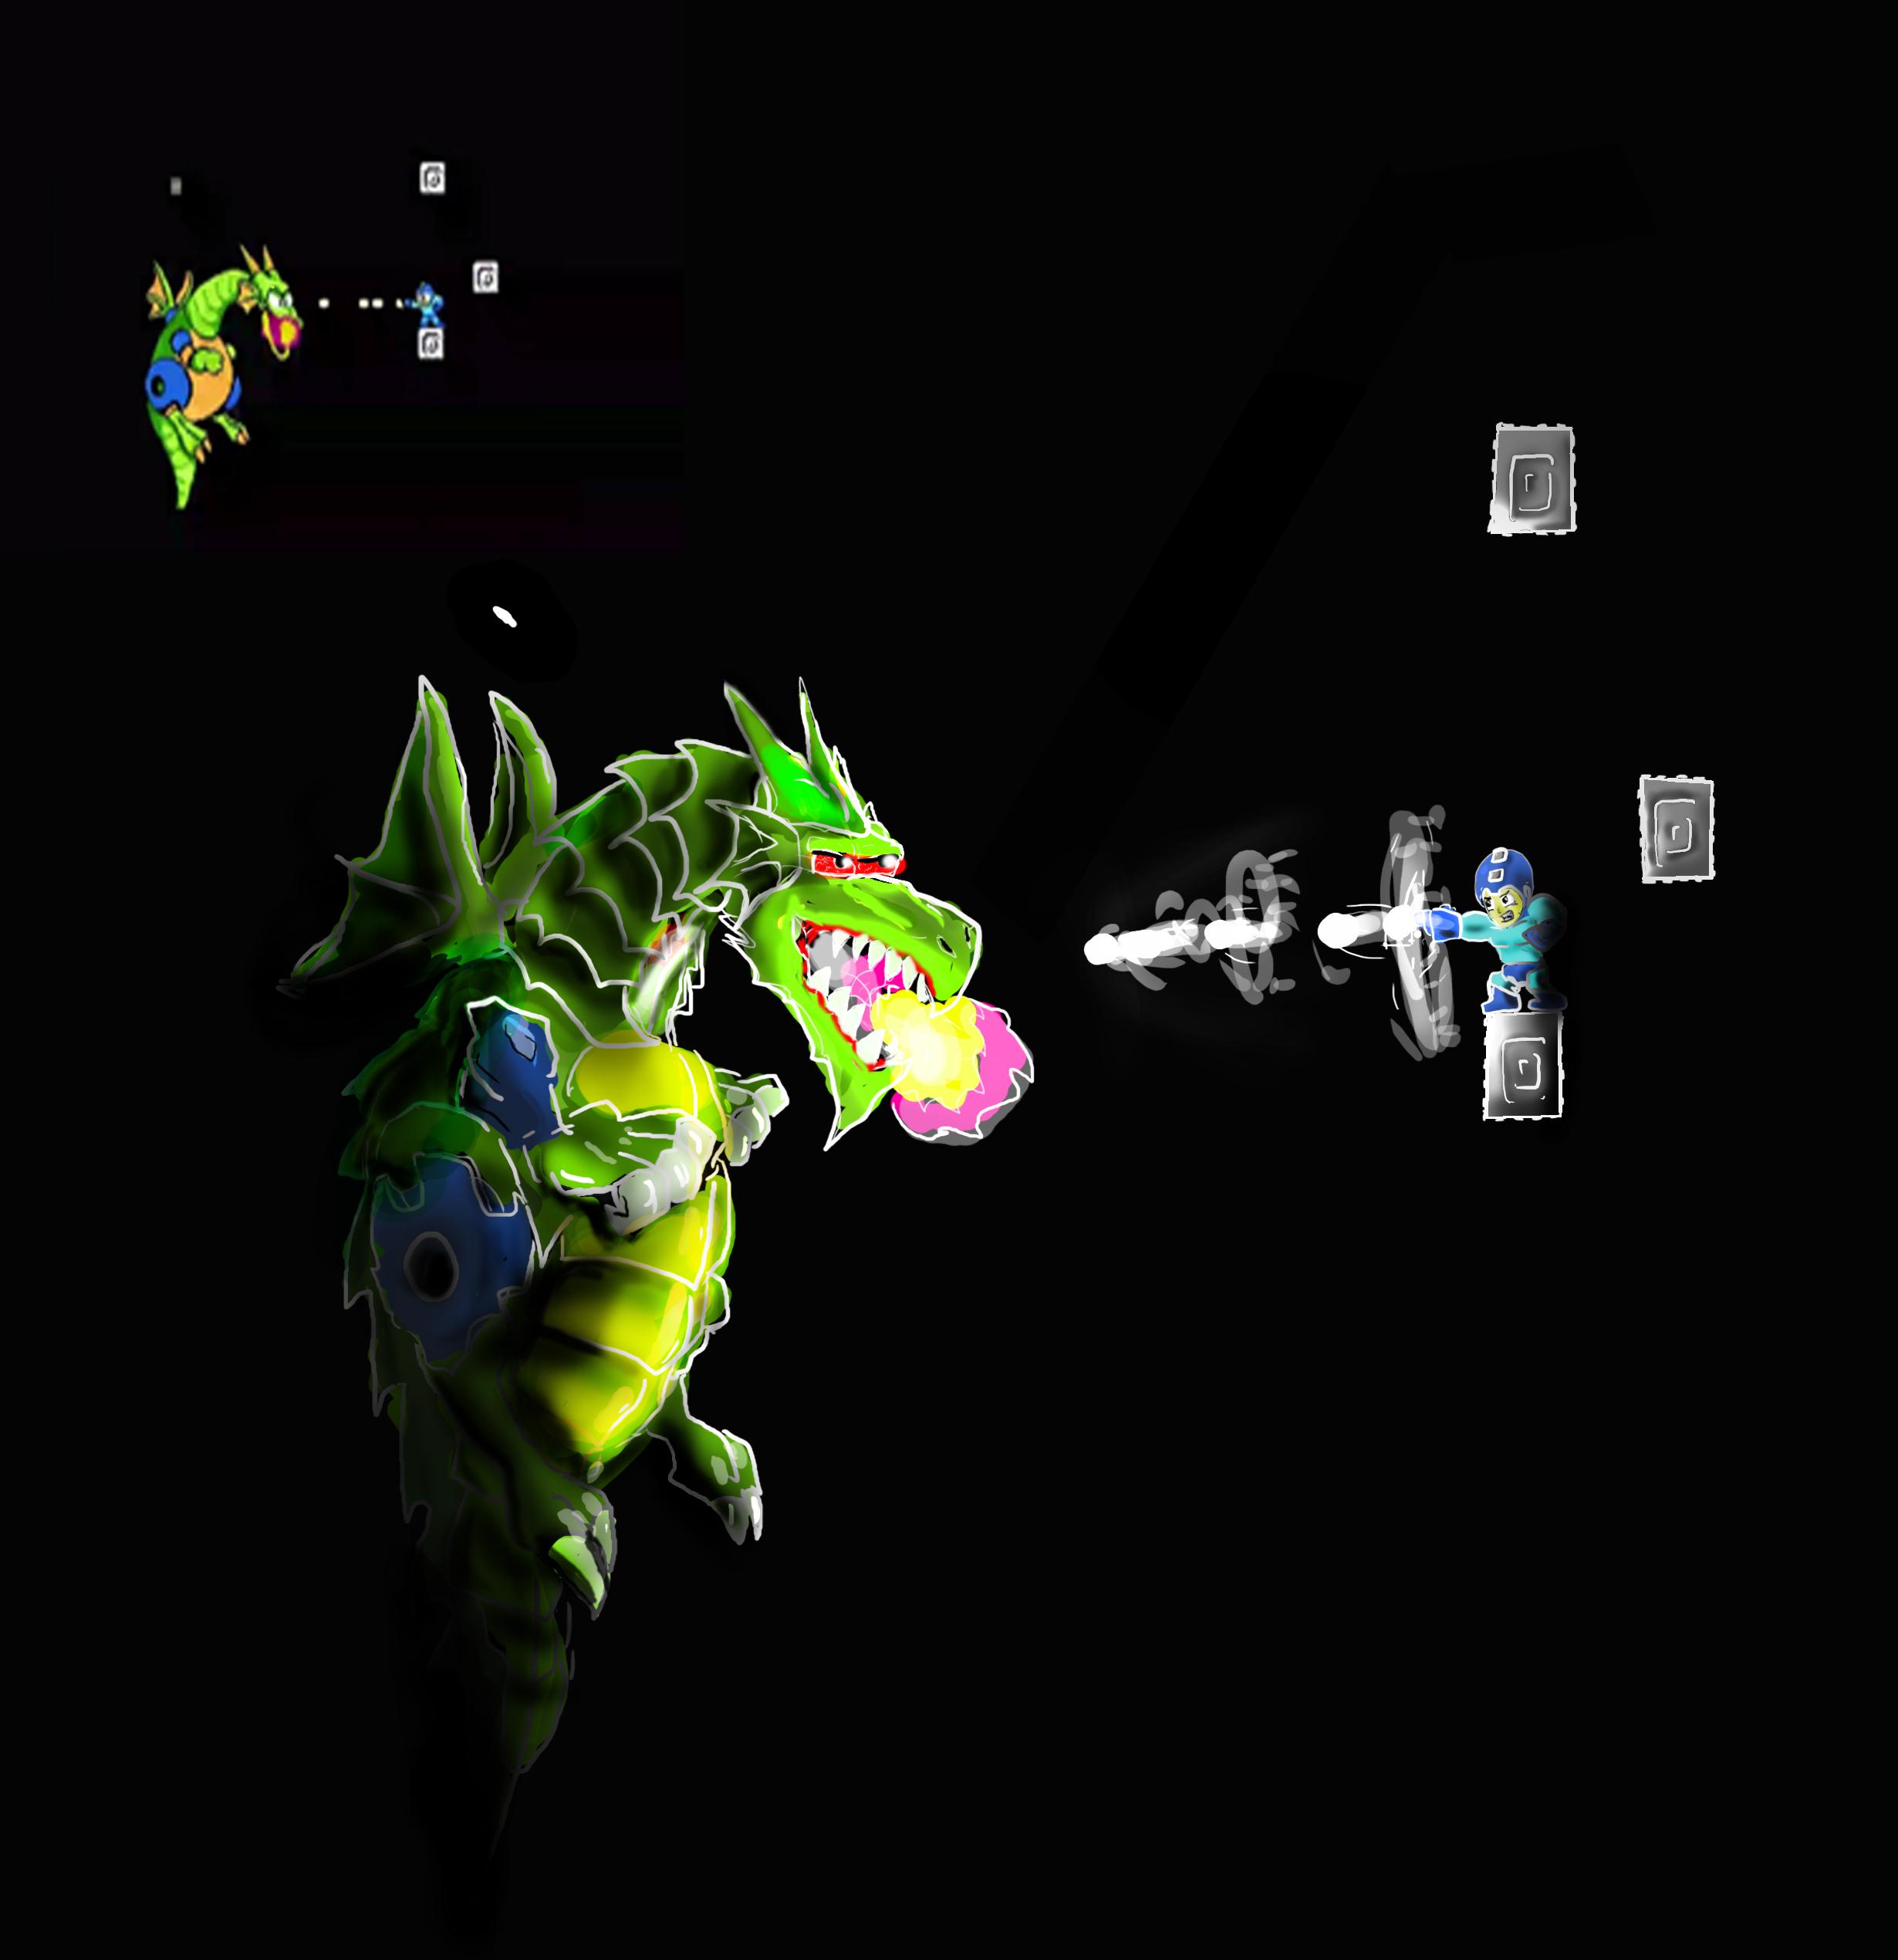 Mega Man VS Mecha Dragon from Megaman 2